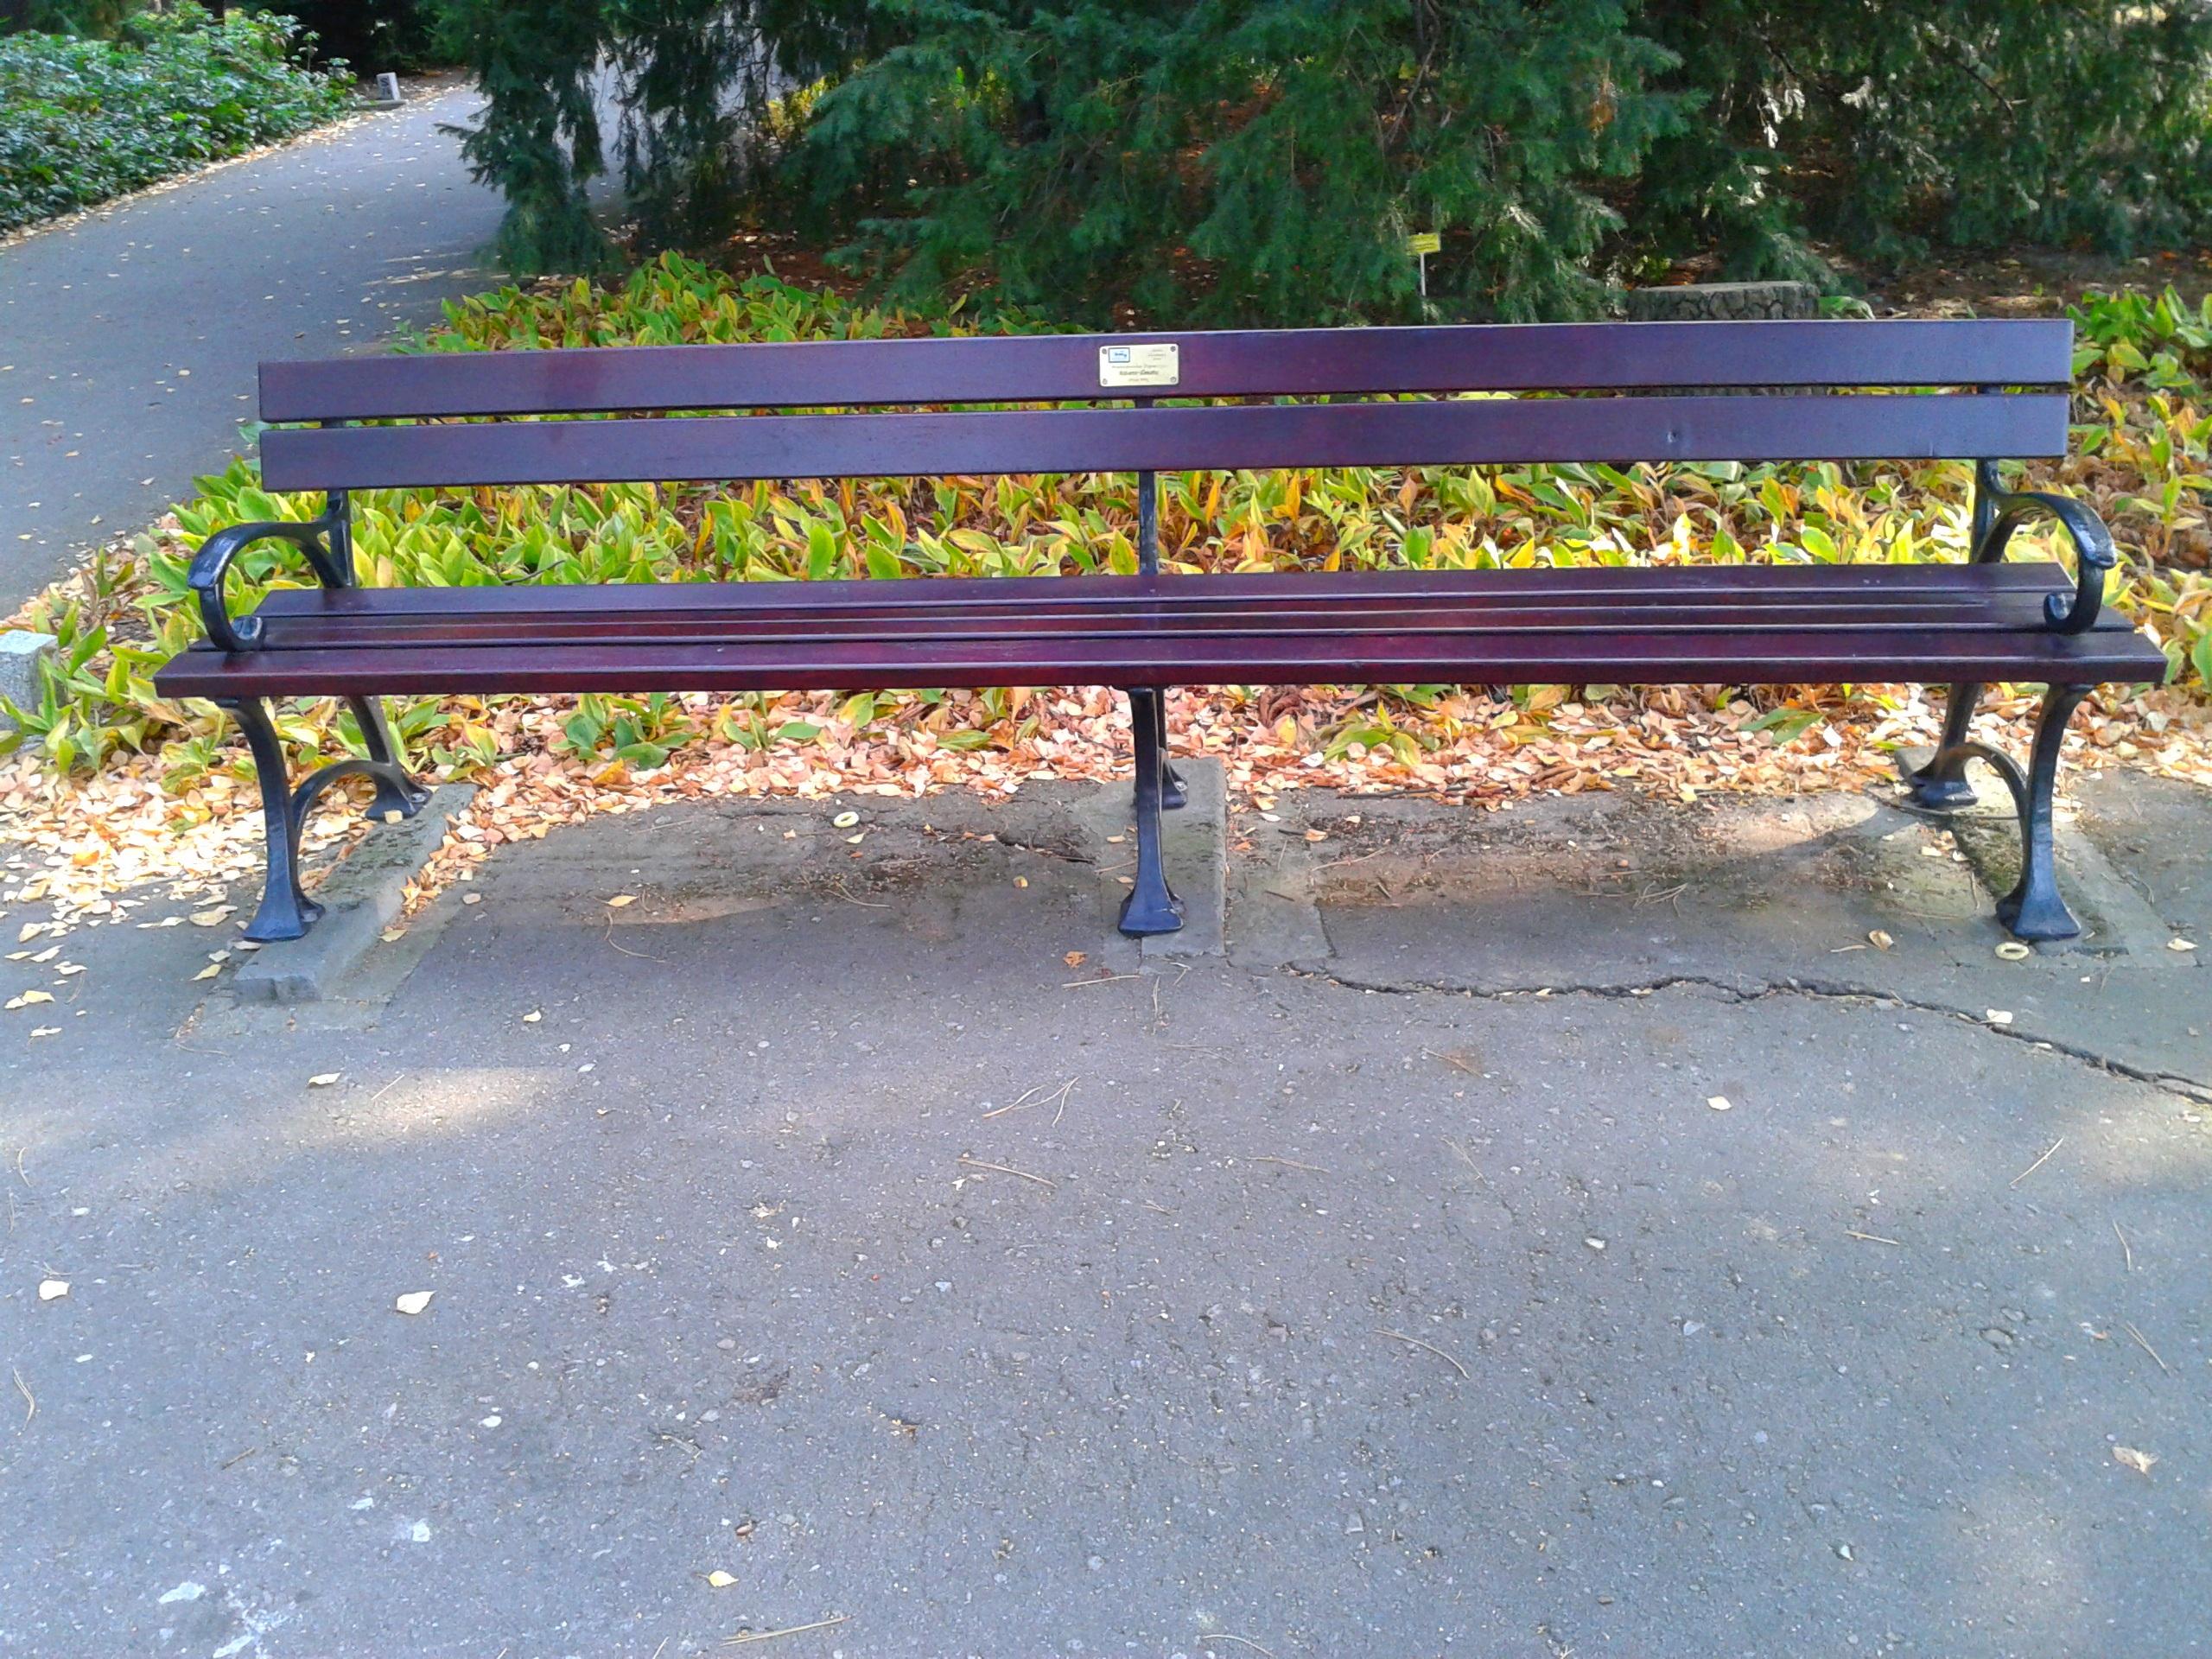 Fotos gratis : mesa, banco, cuadrado, parque, jardín, parachoque ...